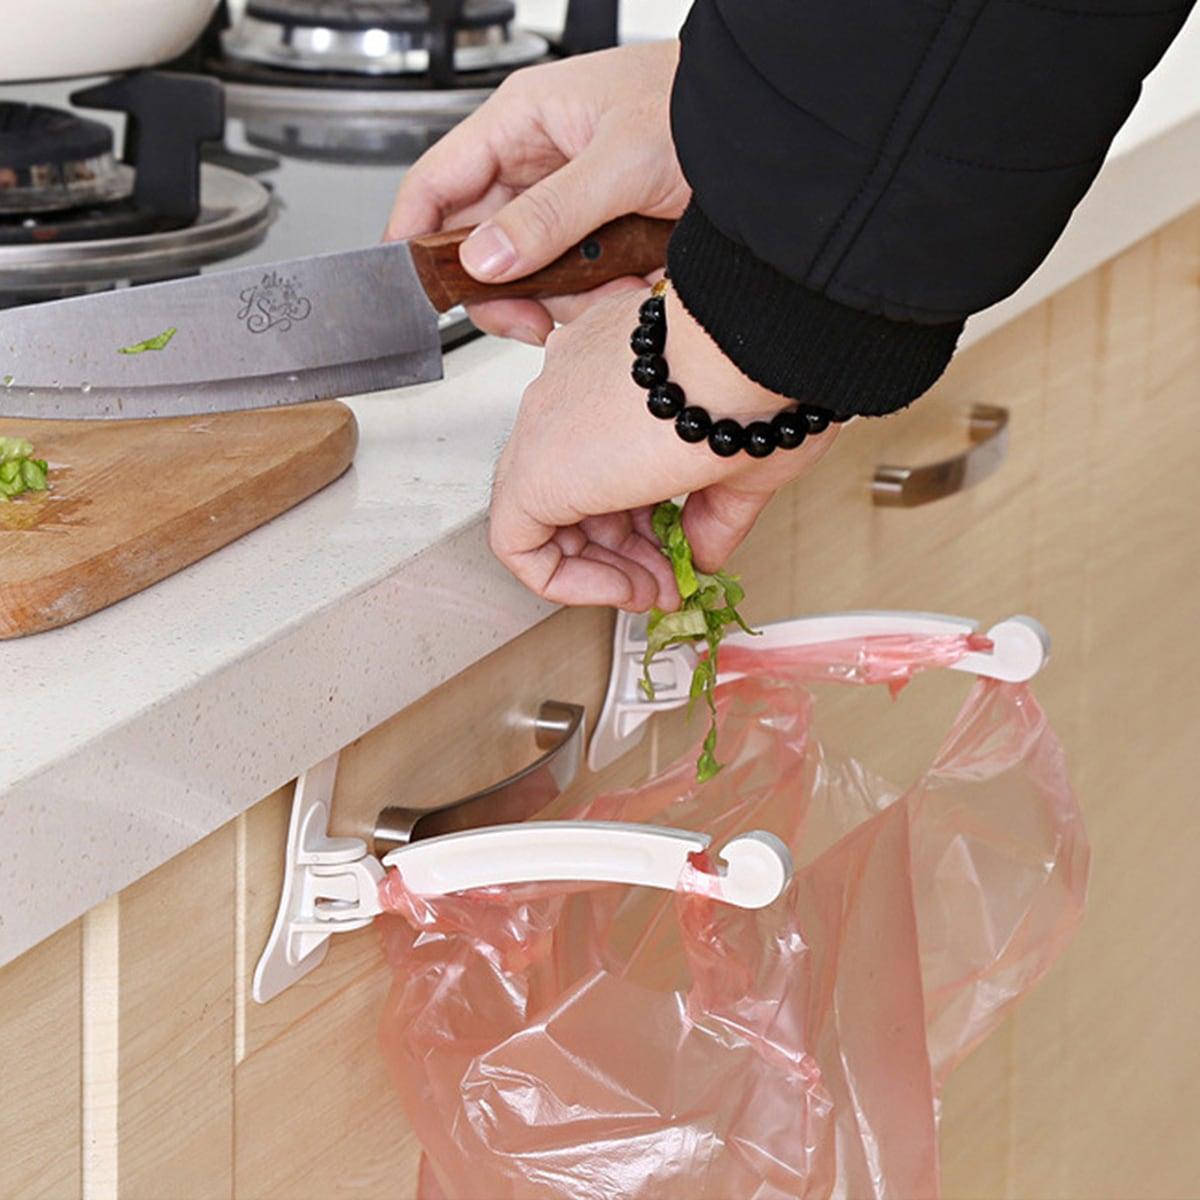 SHEIN / 2pcs Hanging Garbage Bag Rack